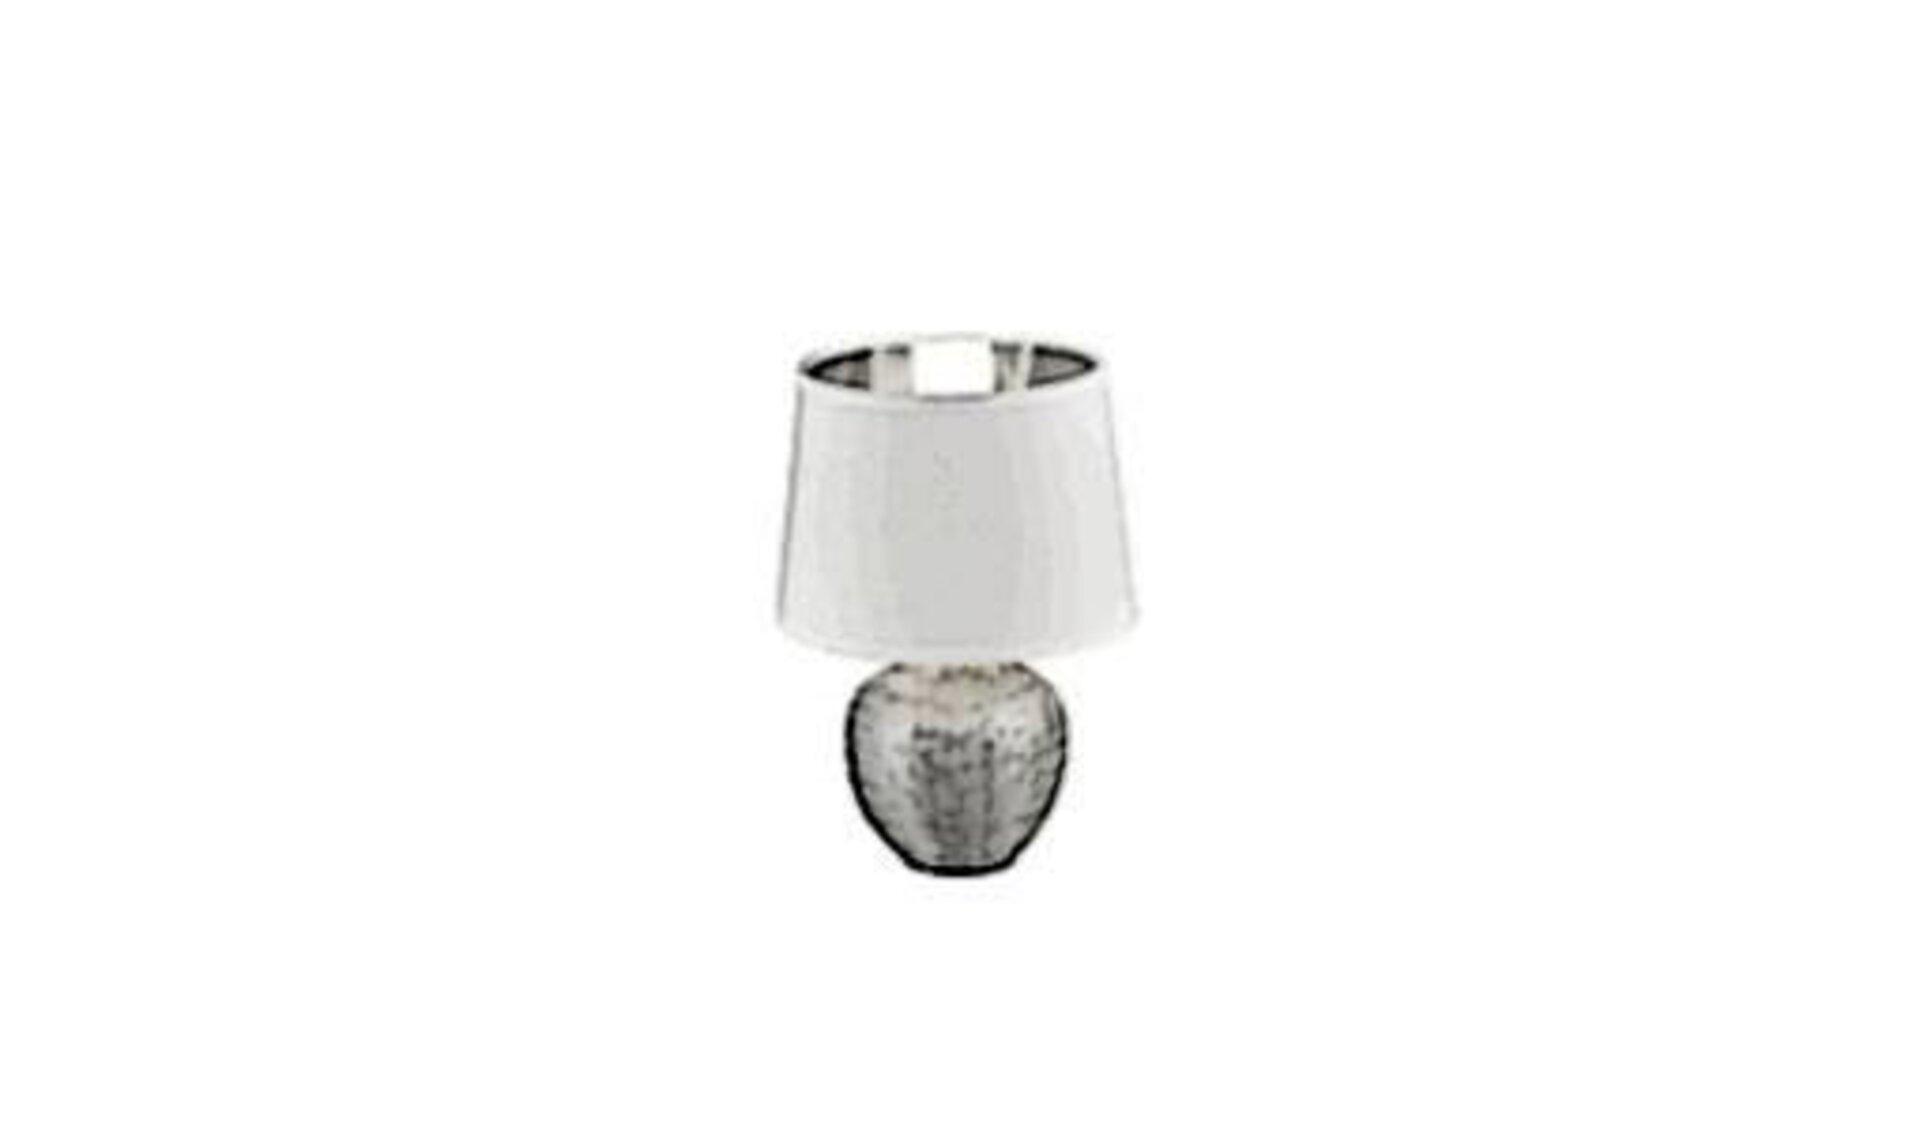 Sinnbild für alle Tischlampen ist ein kugelförmiger Fuß aus Edelstahl und darauf der typische weiße Lampenschirm.